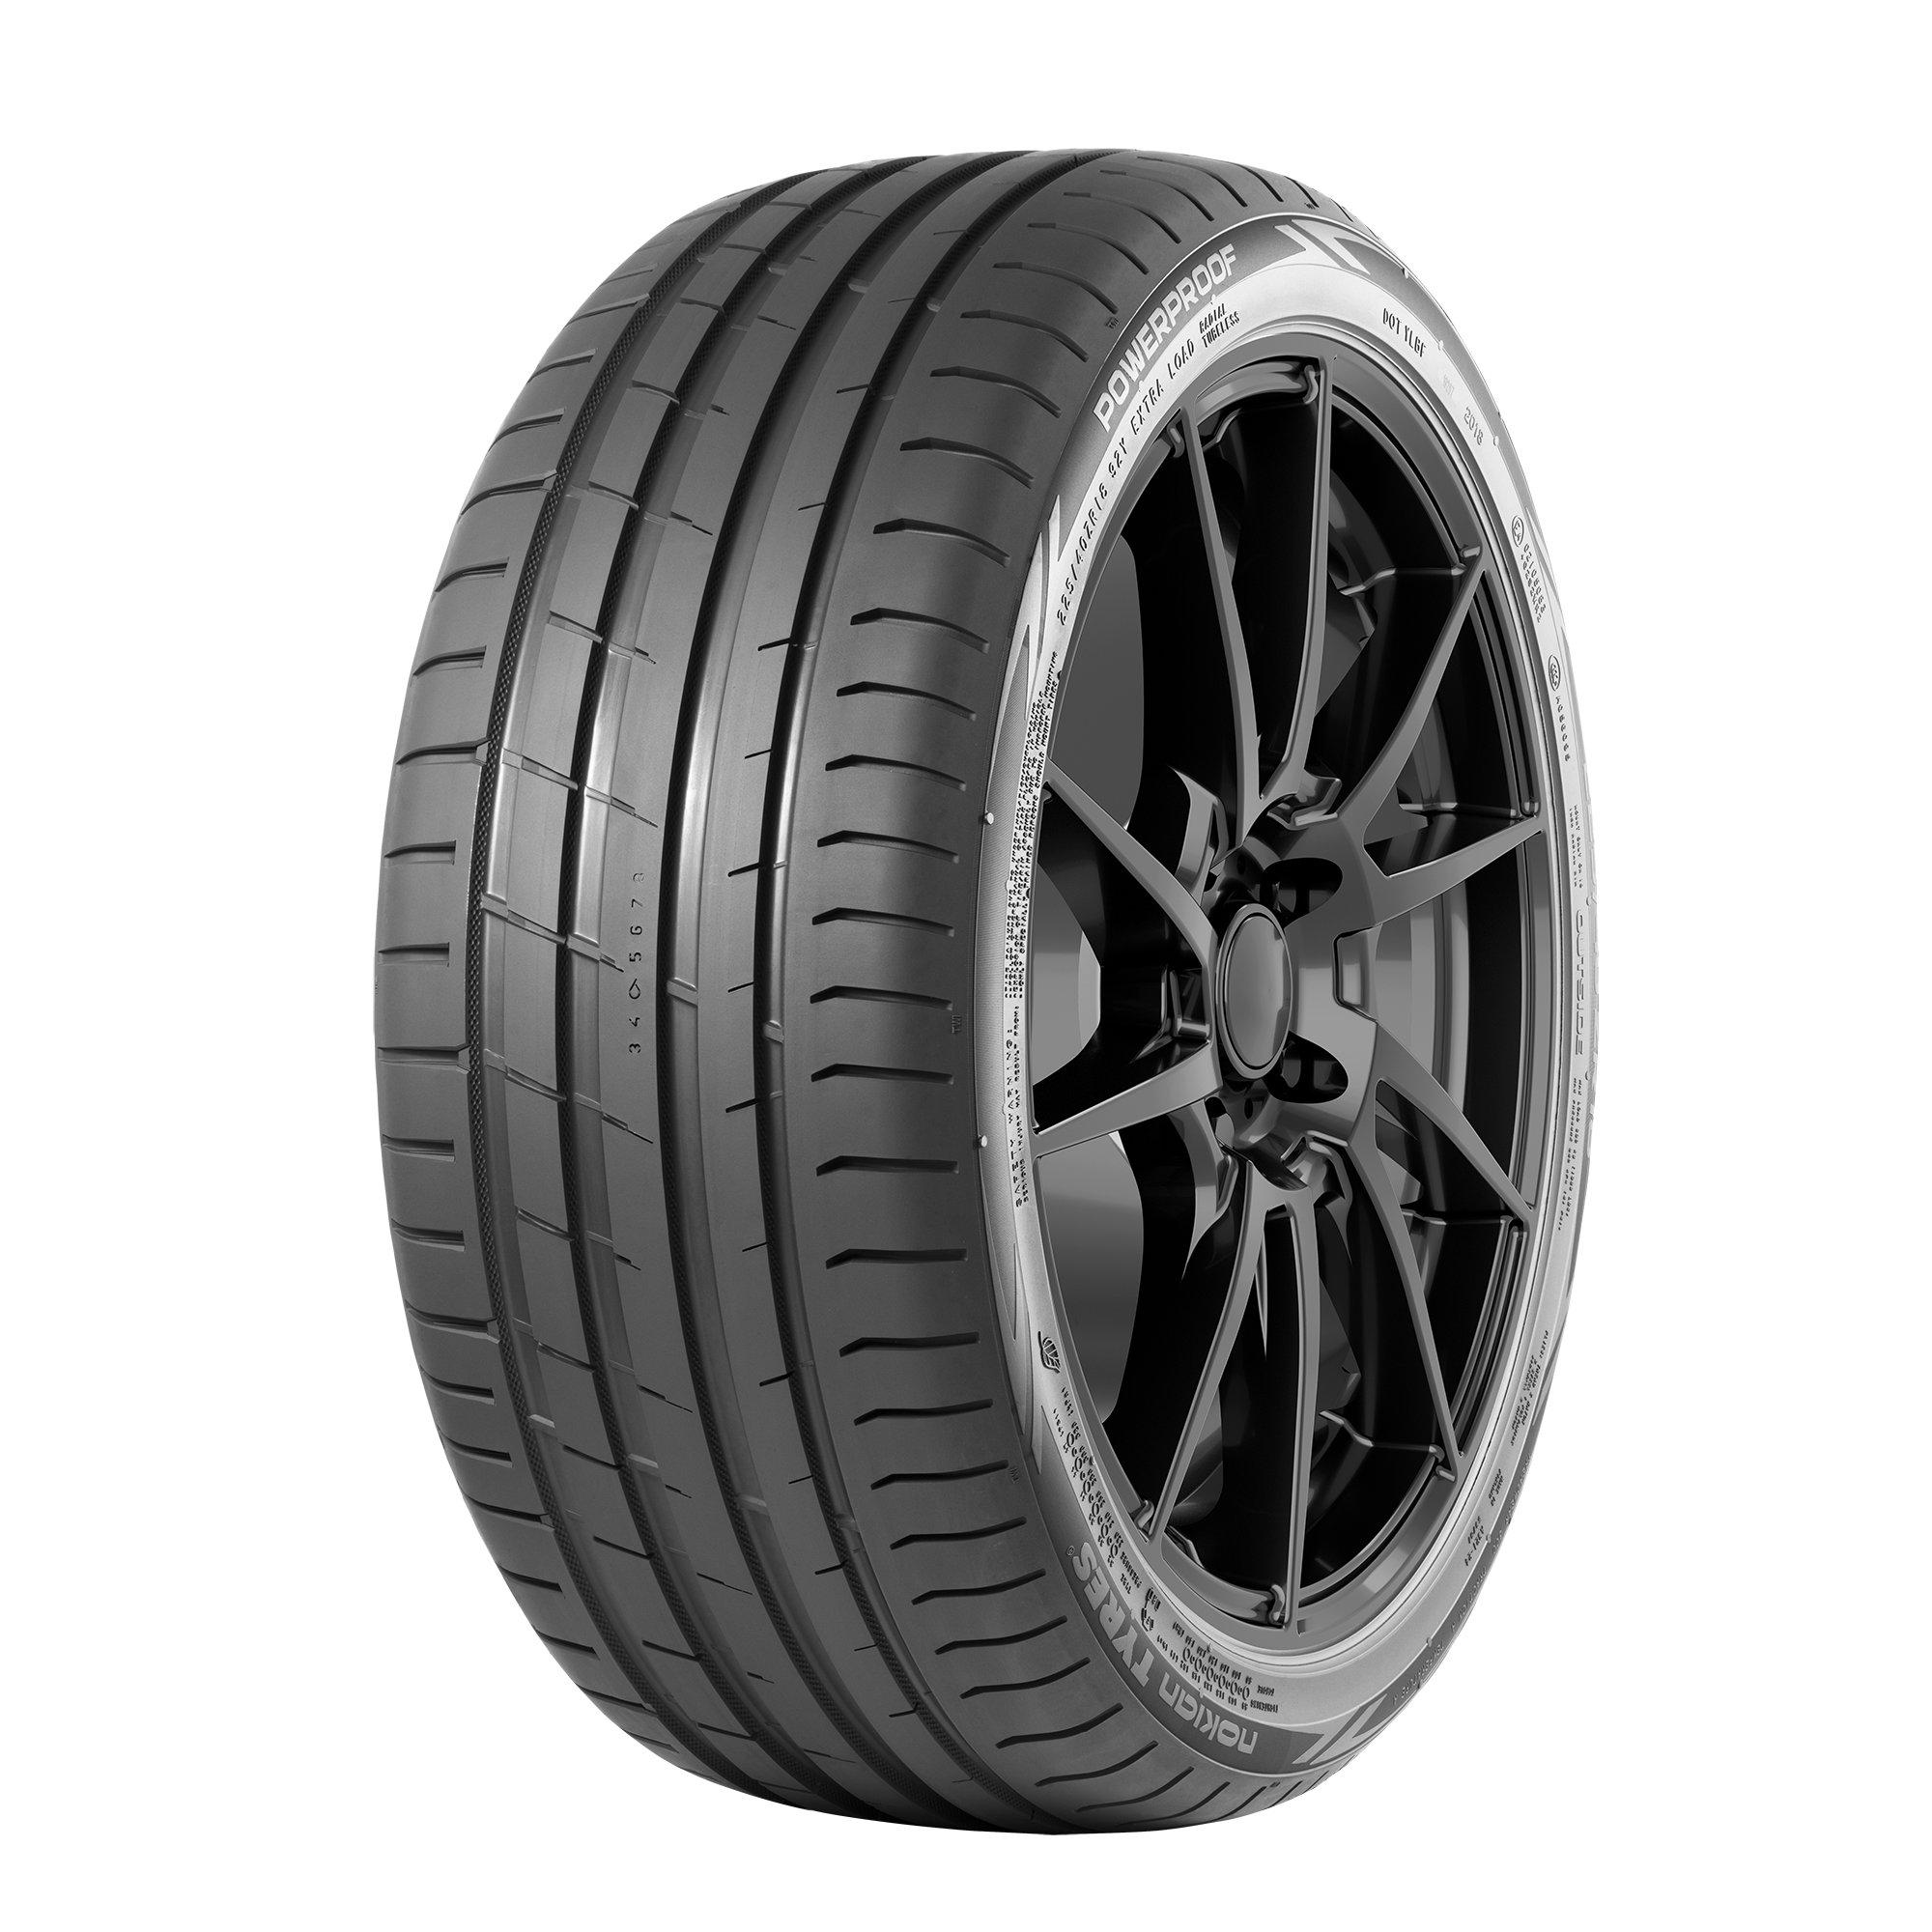 NOKIAN powerproof 275/30 R20 97Y, letní pneu, osobní a SUV, sleva DOT